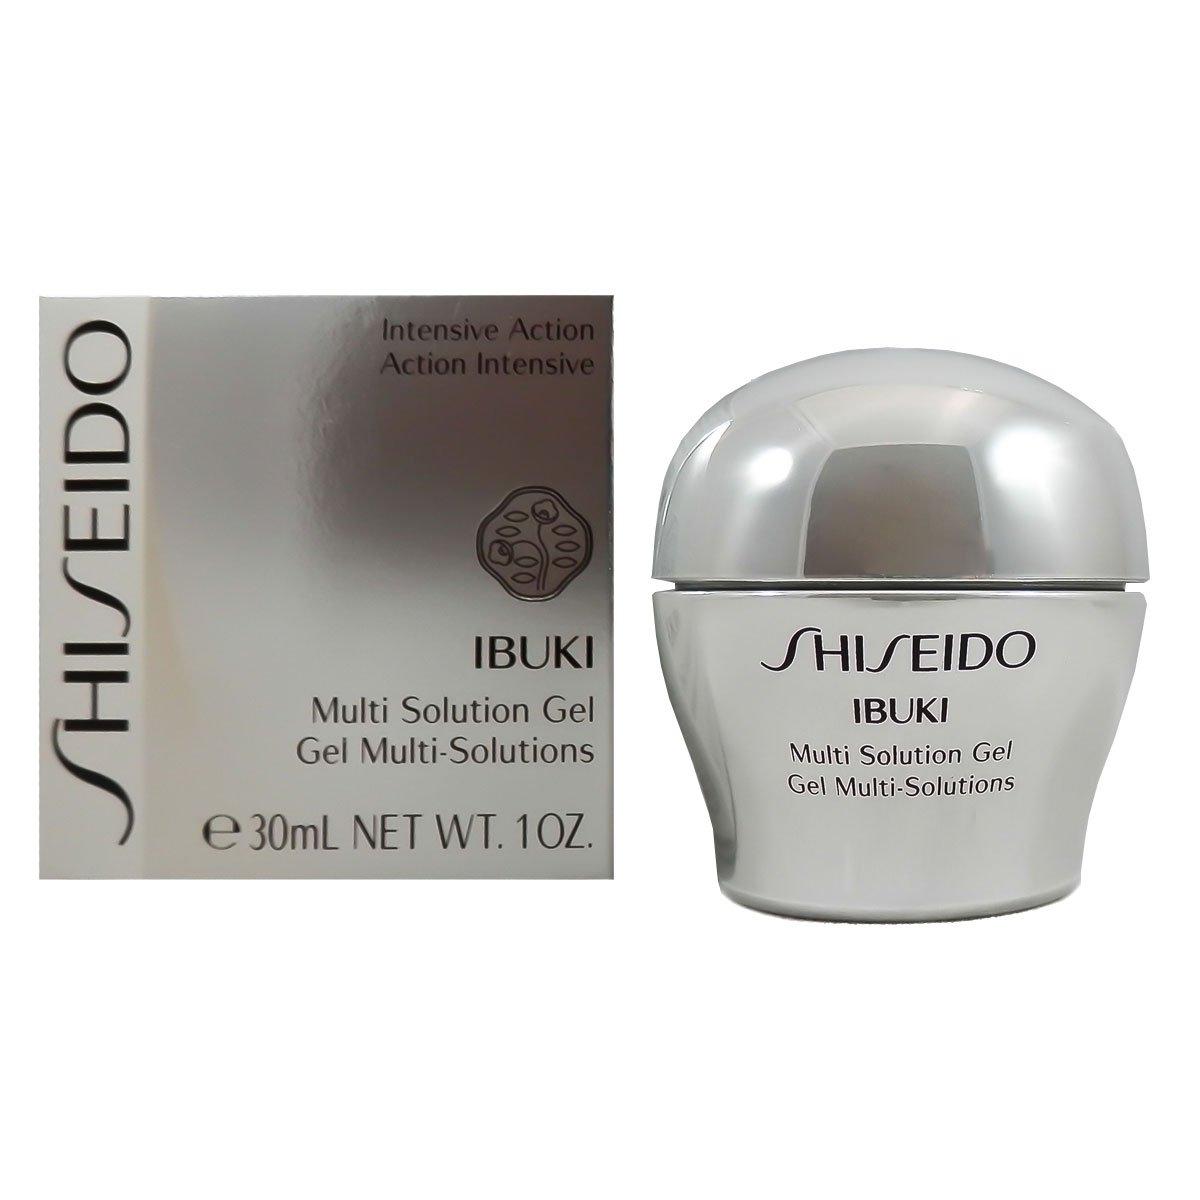 Shiseido Ibuki Multi Solution Gel, 30 ml 0729238114548 46918